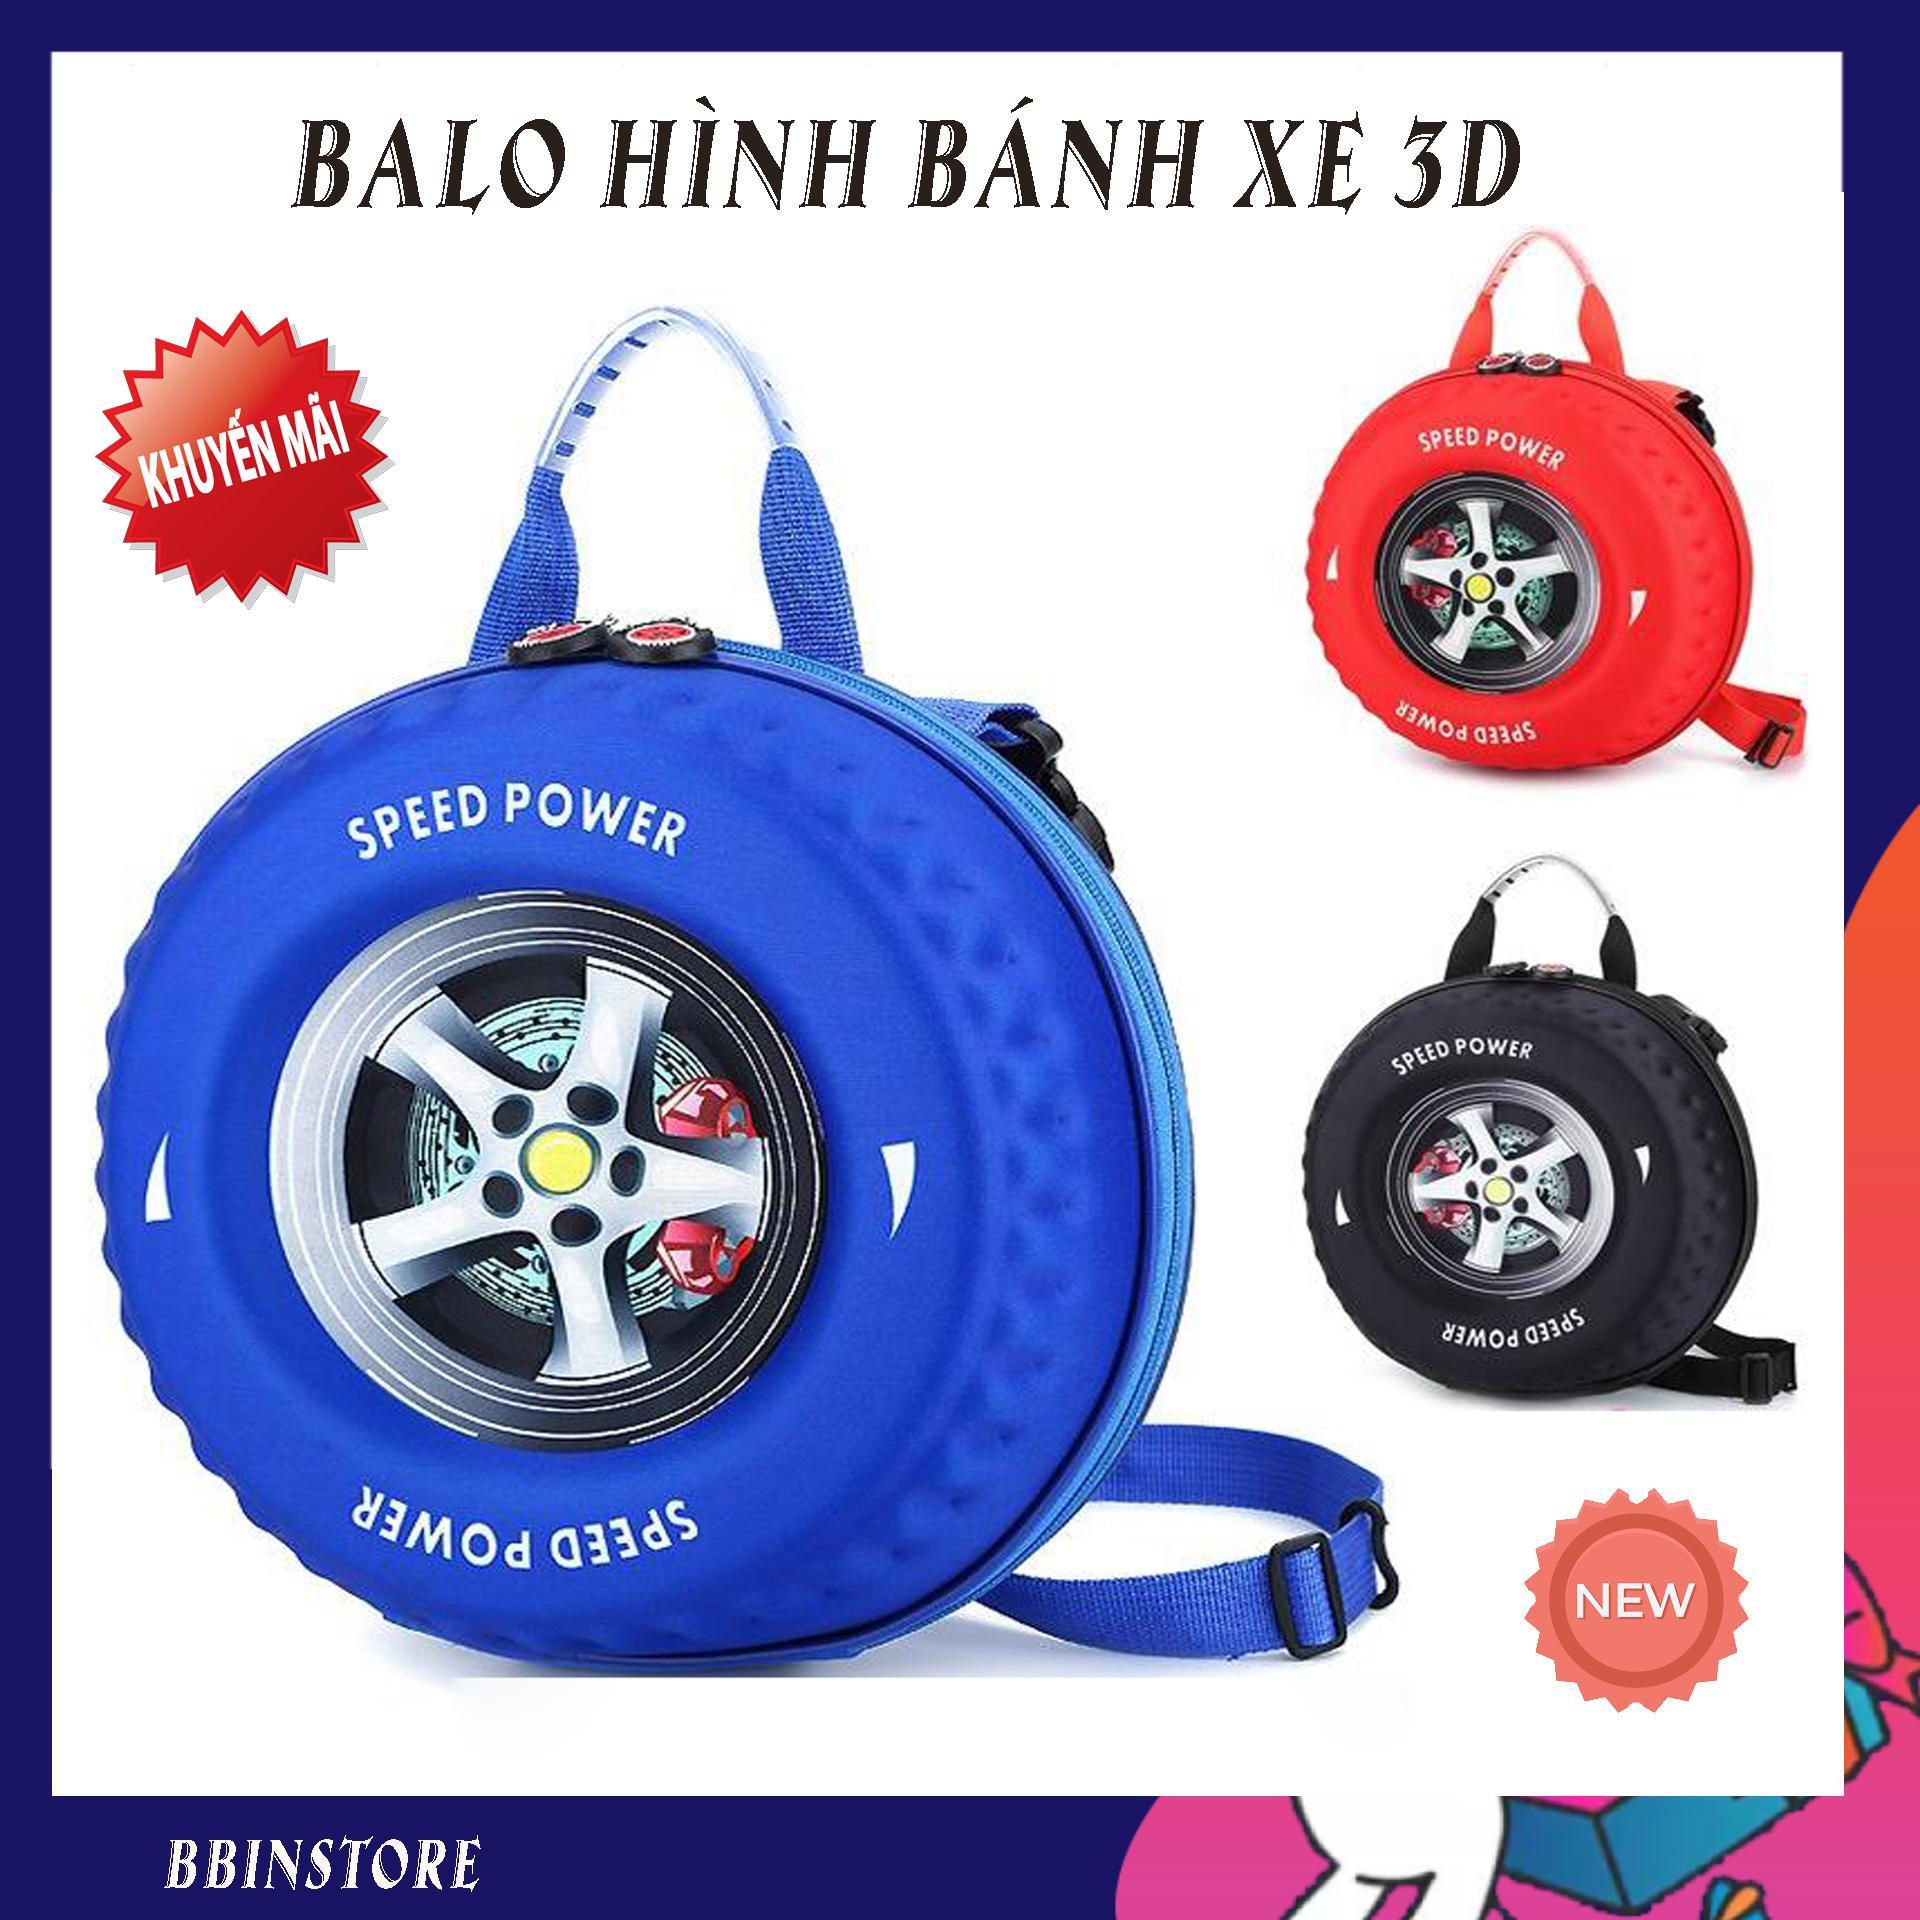 Giá bán Balo đi học cho trẻ, Balo ngộ nghĩnh cho bé, Balo cao cấp hình bánh xe 3D 2in1 cho bé yêu đến trường. Thiết kế thời trang, đáng yêu, để đồ thoải mái. Bảo hành uy tín.